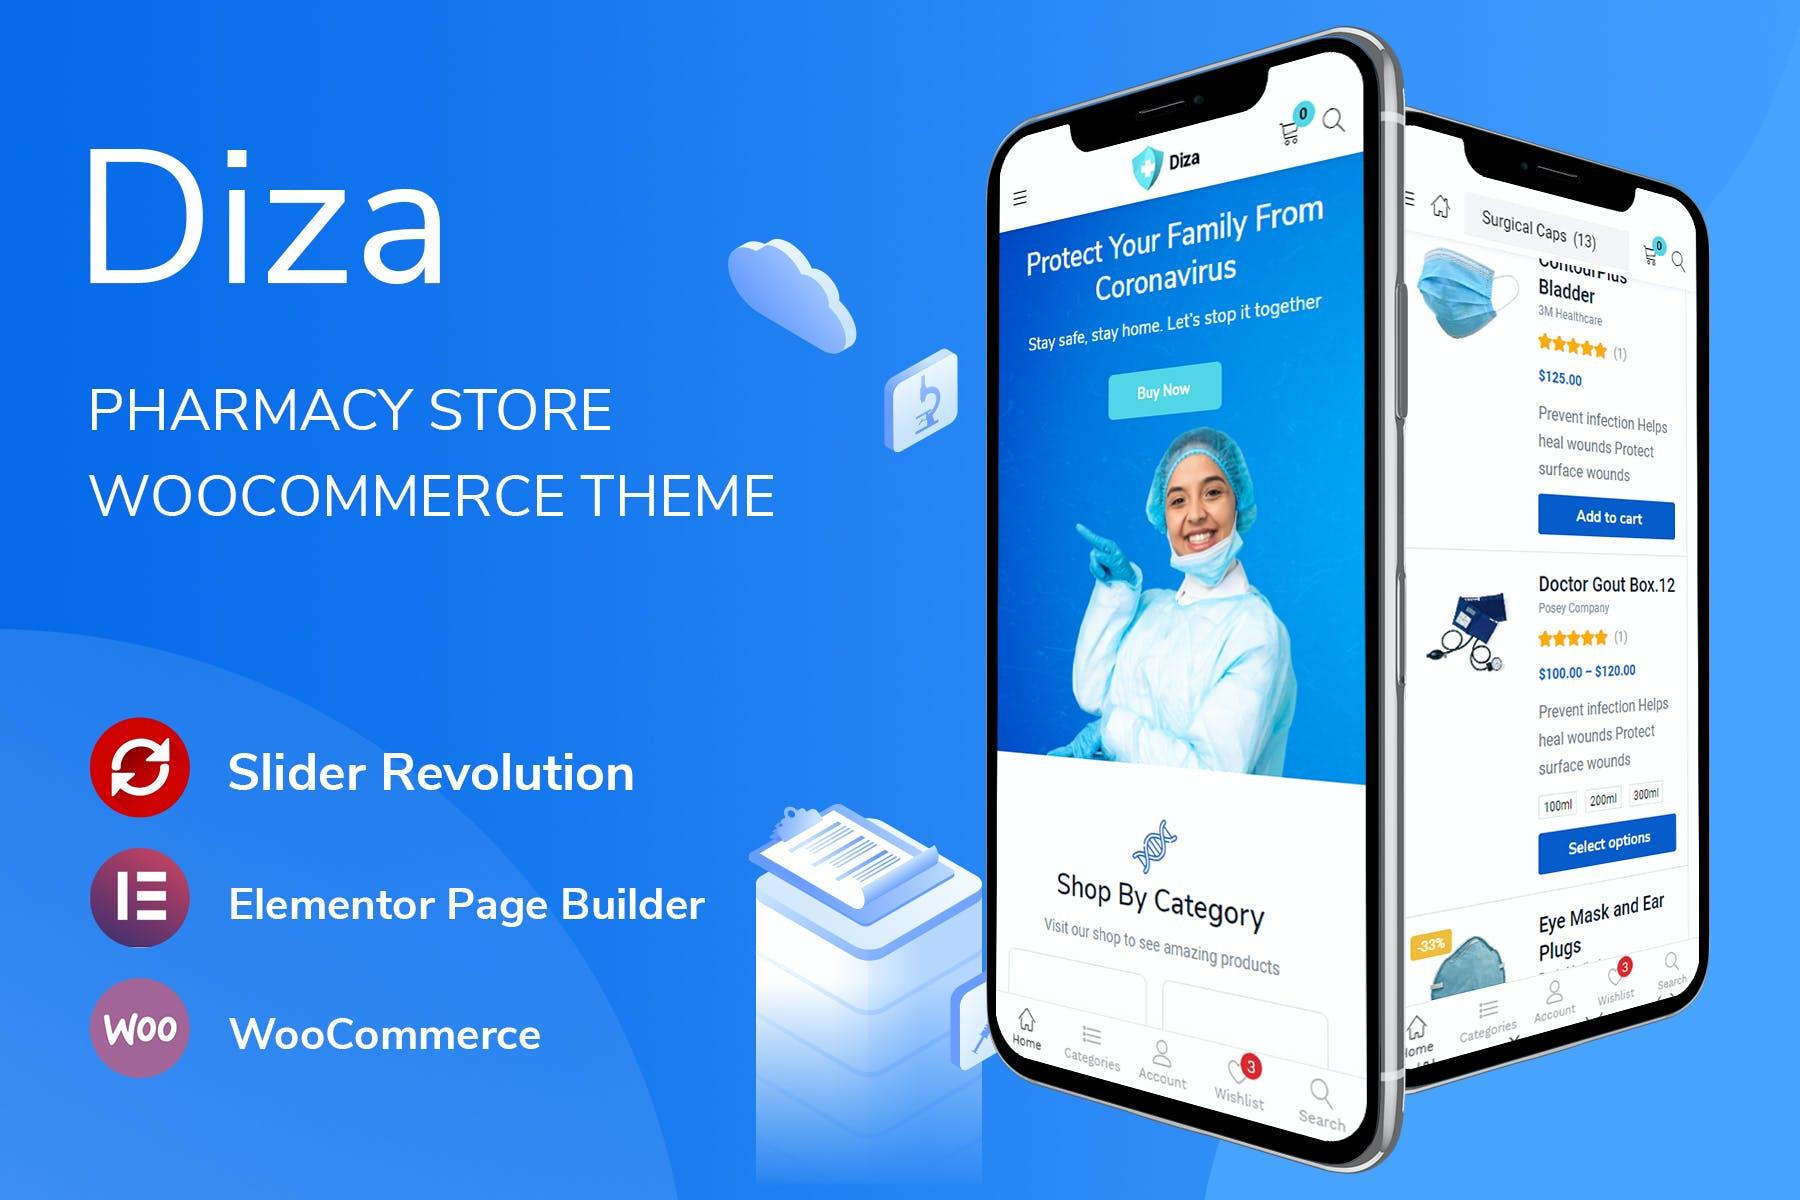 医疗口罩风格WooCommerce主题wordpress模板Diza